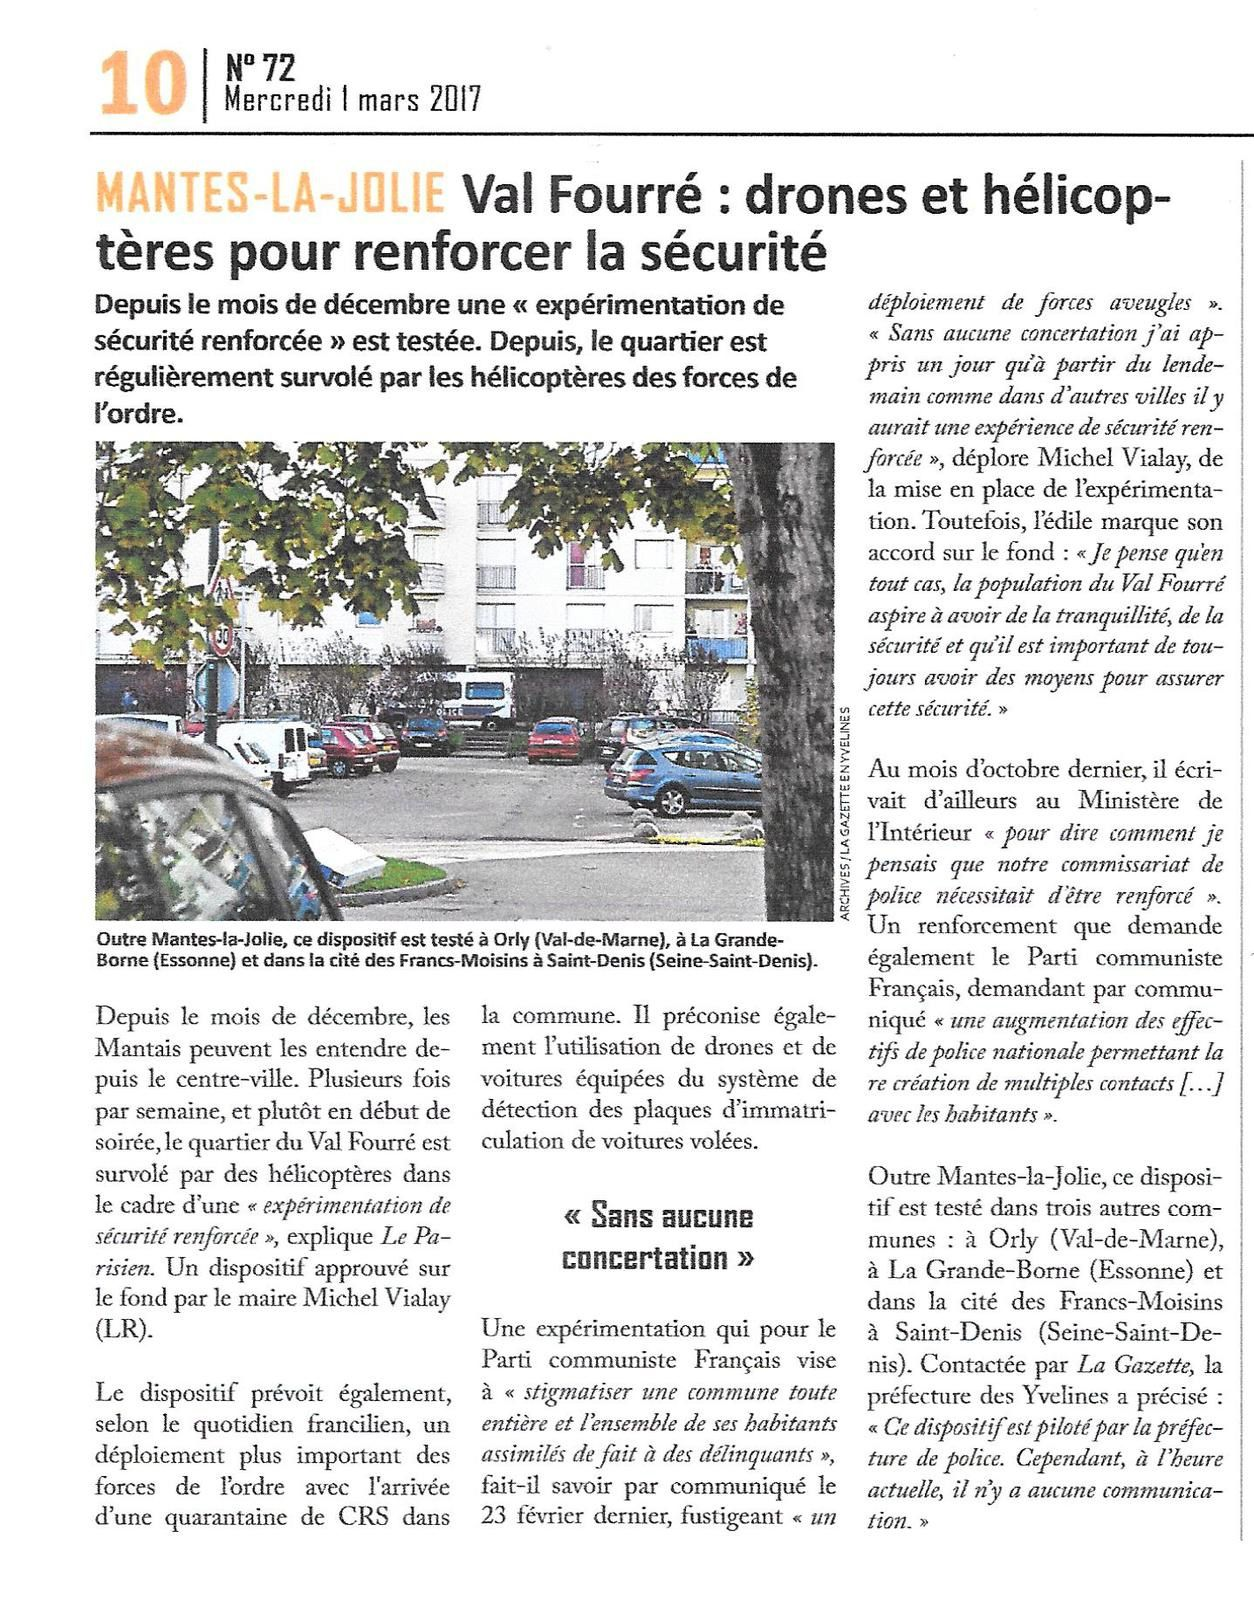 La Gazette des Yvelines. Drones et hélicoptères pour renforcer la sécurité.